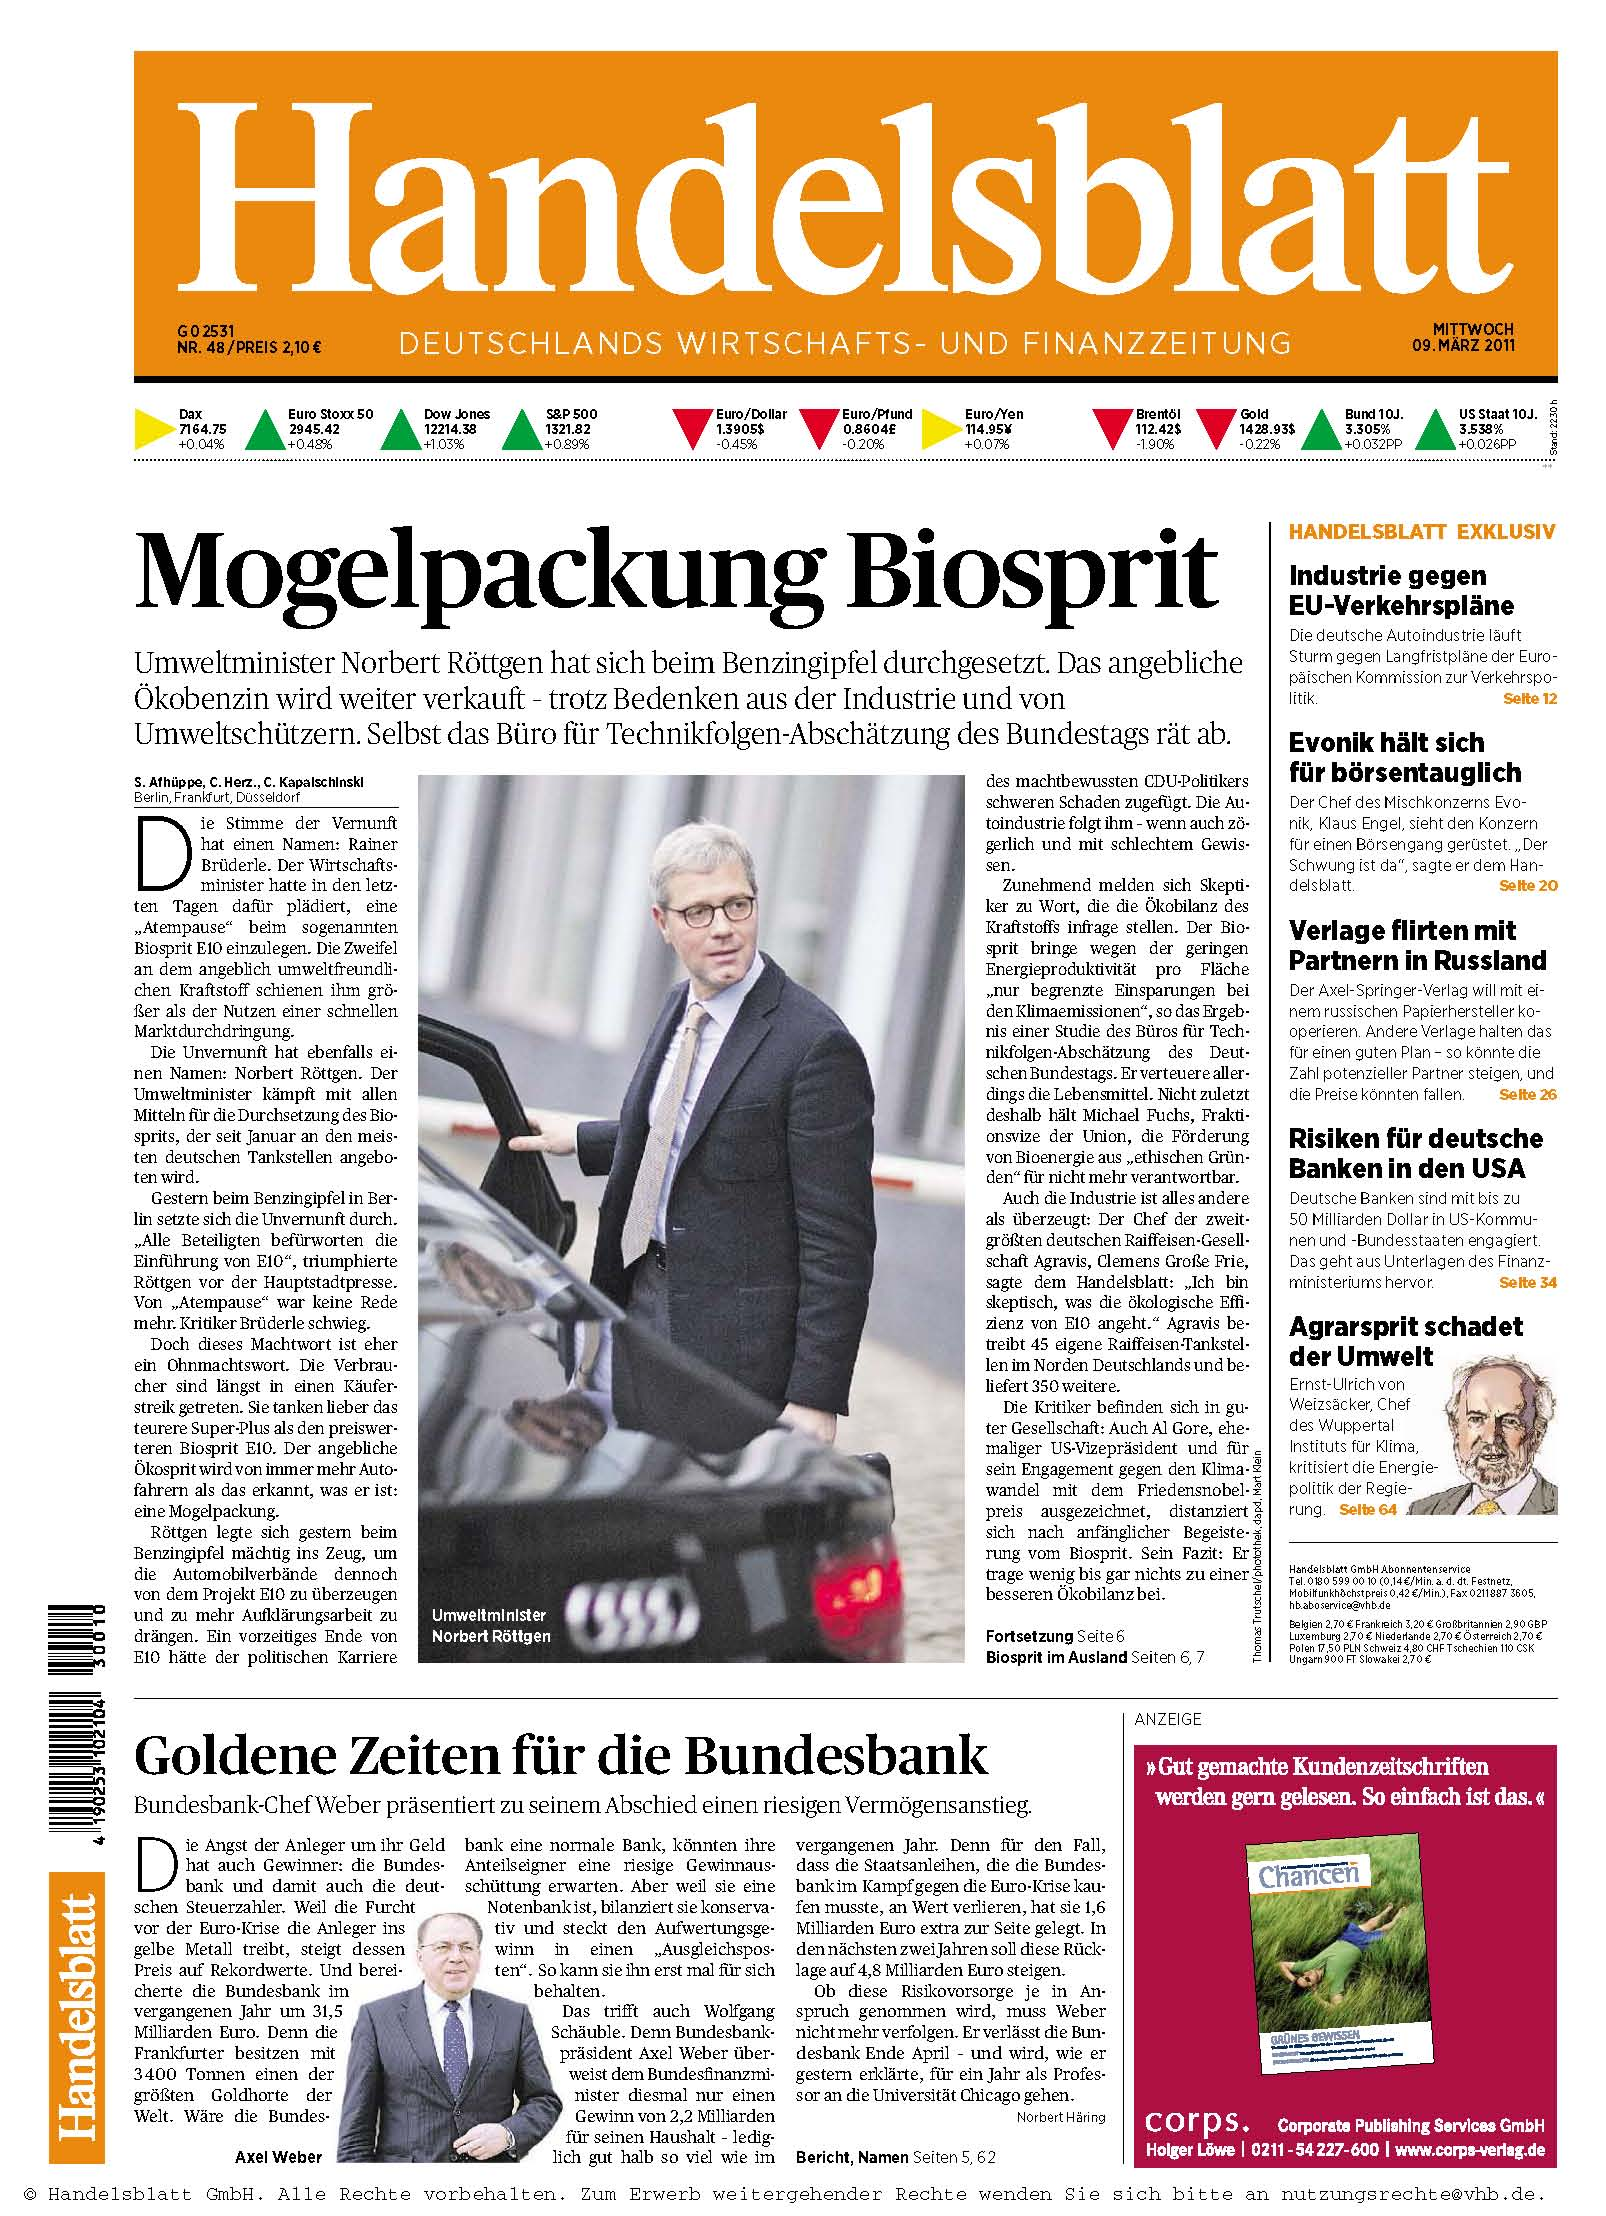 Handelsblatt Nr 048 vom 09.03.2011